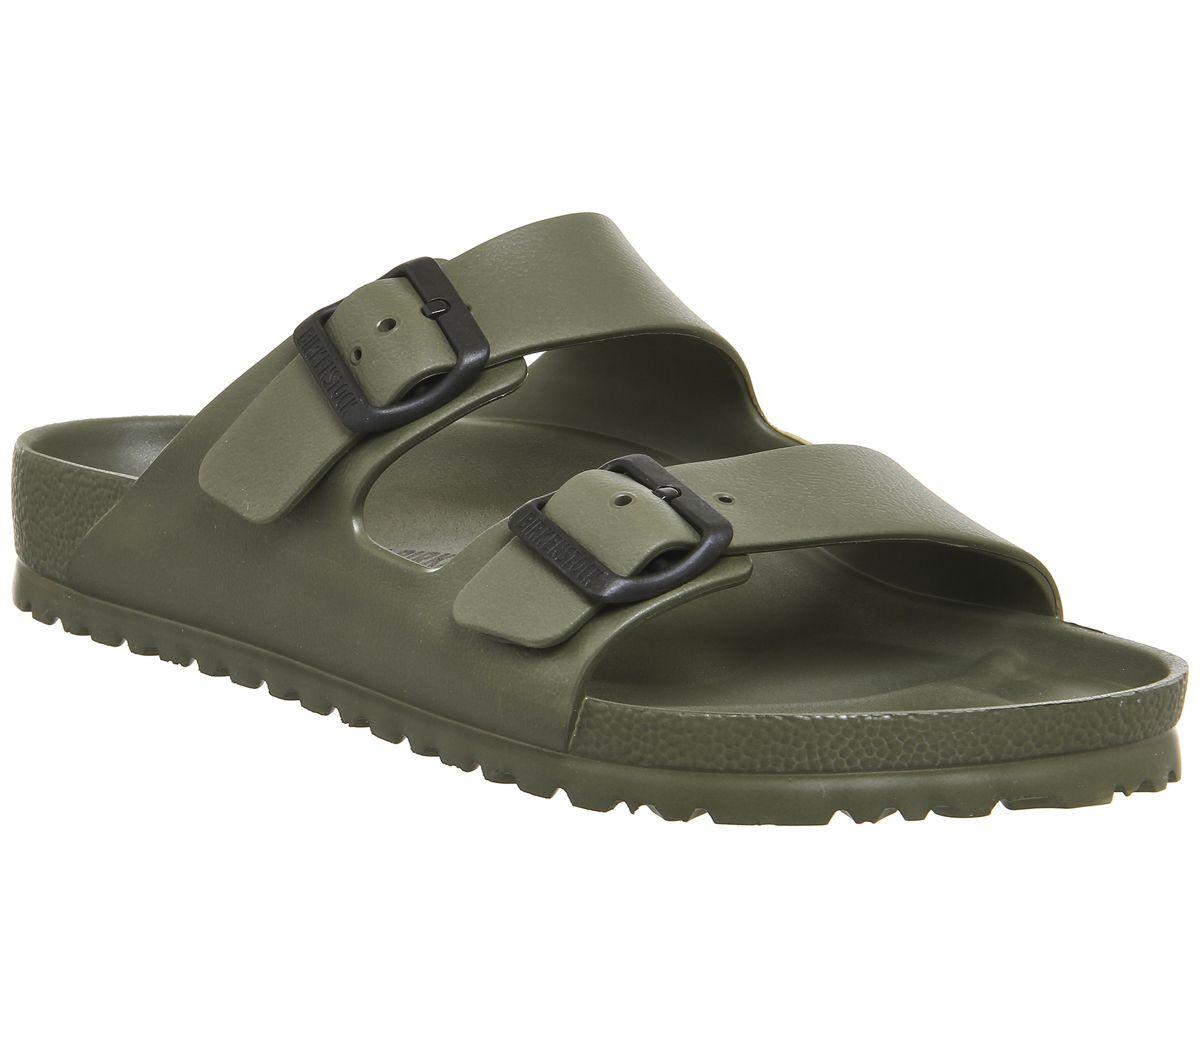 261ebb22e Birkenstock Arizona Two Strap Sandals Khaki Eva - Sandals